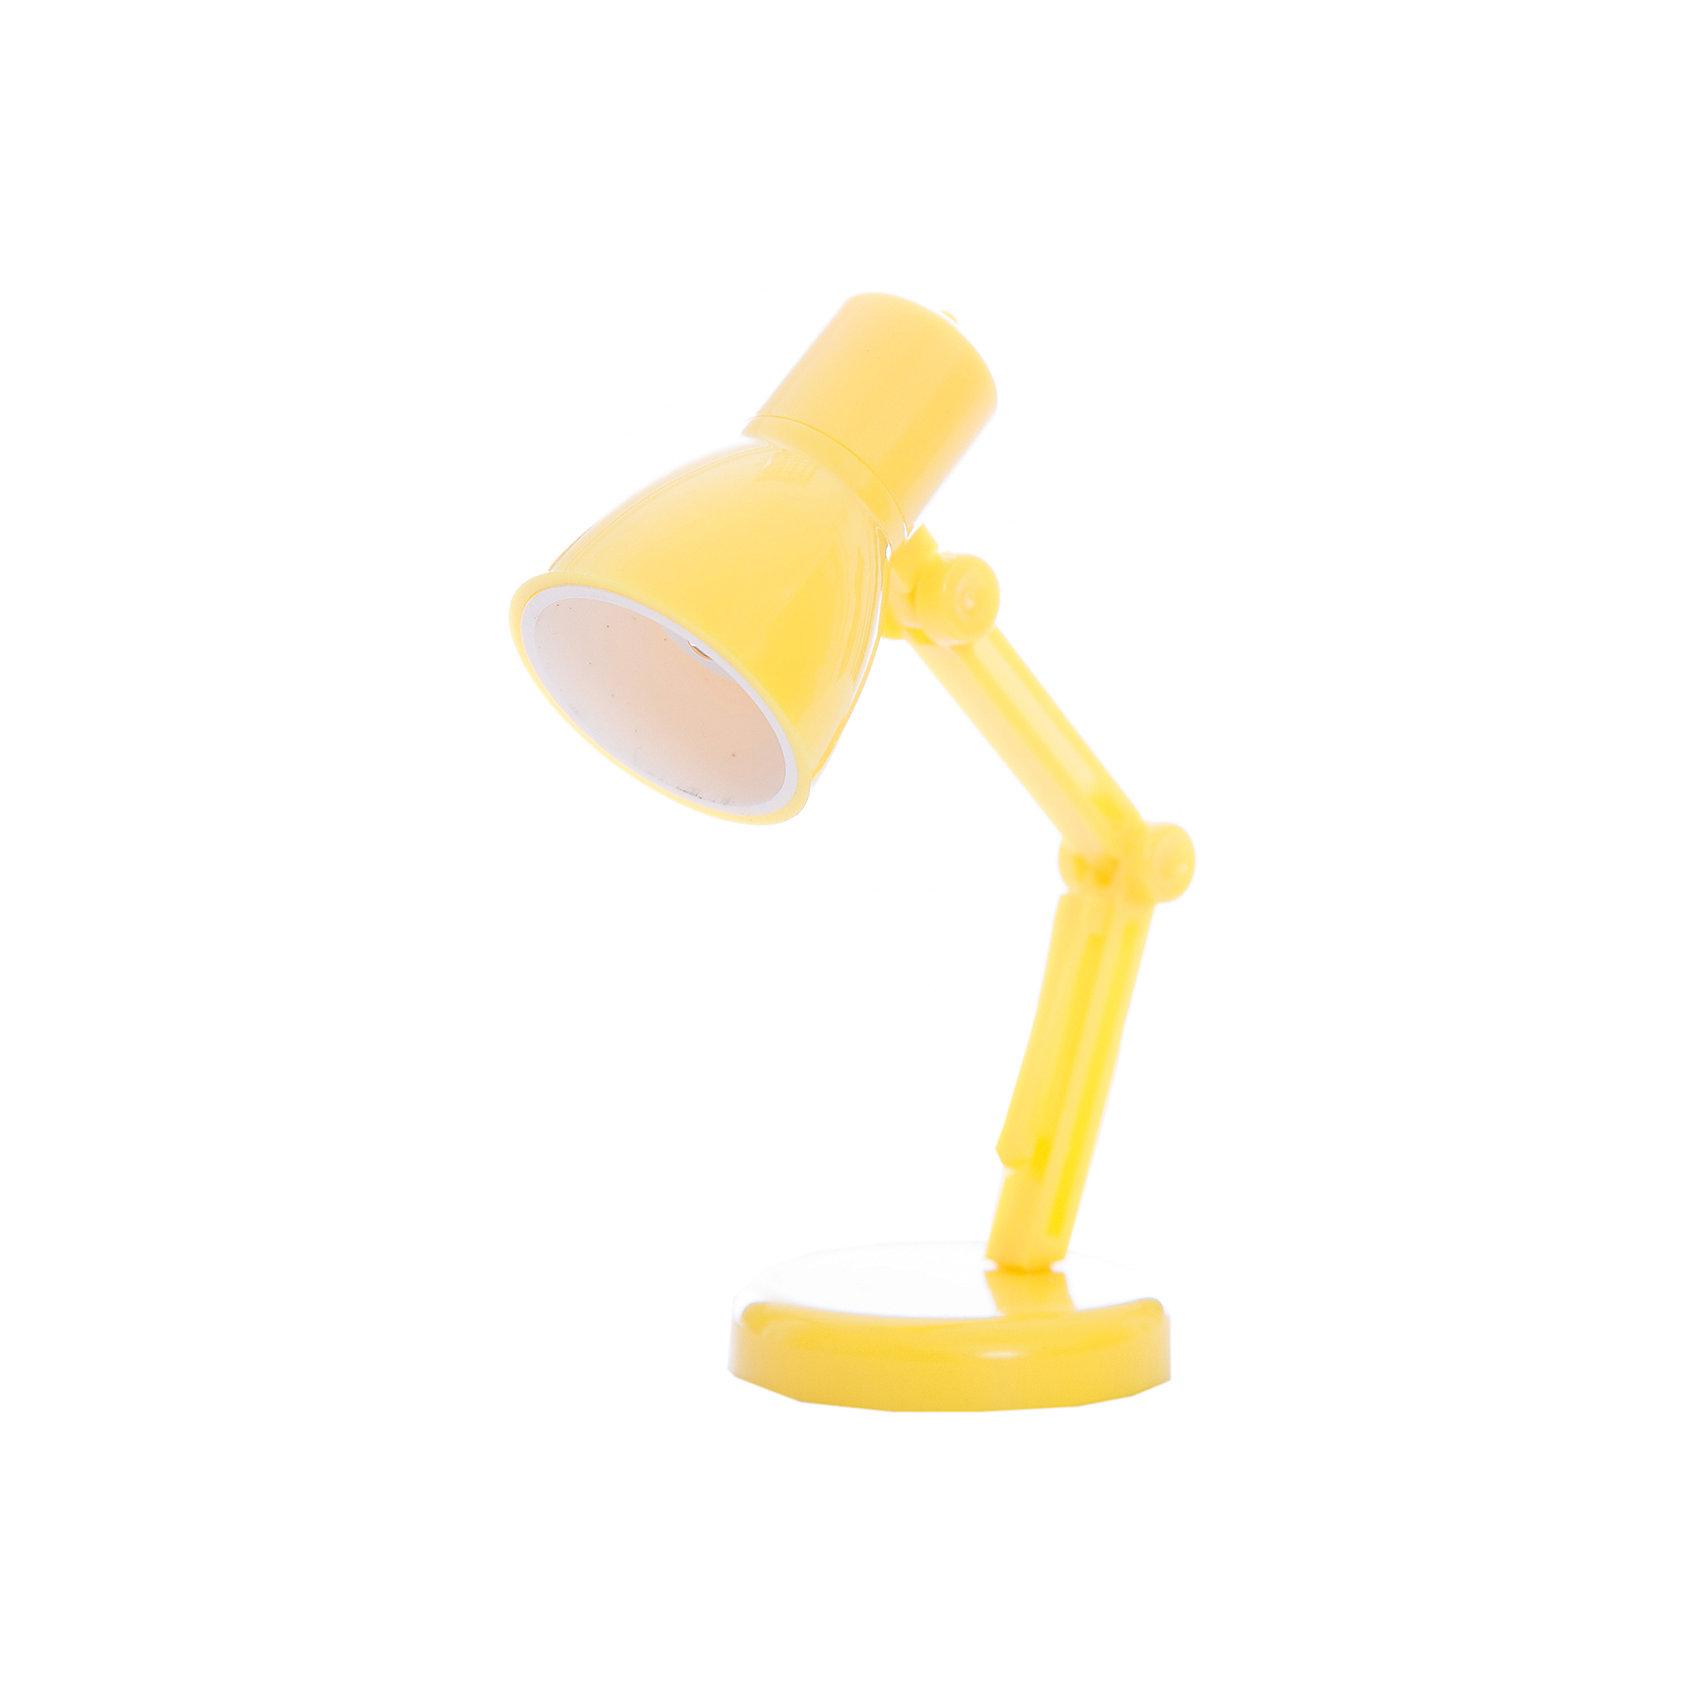 Фонарь портативный Минилампа желтая электрический со светодиодной лампой, Феникс-ПрезентФонарь портативный Минилампа желтая электрический со светодиодной лампой, Феникс-Презент<br><br>Характеристики:<br><br>• компактный фонарик со светодиодной лампой<br>• размер: 12х4,6 см<br>• корпус из АБС пластика<br>• светодиодная лампа DIA 5 мм<br>• питание: батарейка AG 10 - 3 шт.<br>• цвет: желтый<br><br>С портативным фонариком Минилампа желтый вы сможете найти потерянные предметы или даже почитать в темноте. Компактный размер позволяет брать фонарик с собой. При этом светодиодные лампы обладают достаточной мощностью для полноценного освещения. Корпус изделия изготовлен из ударопрочного пластика. Фонарик выполнен в виде лампы.<br><br>Фонарь портативный Минилампа желтый электрический со светодиодной лампой, Феникс-Презент можно купить в нашем интернет-магазине.<br><br>Ширина мм: 50<br>Глубина мм: 60<br>Высота мм: 120<br>Вес г: 56<br>Возраст от месяцев: 36<br>Возраст до месяцев: 2147483647<br>Пол: Унисекс<br>Возраст: Детский<br>SKU: 5449687